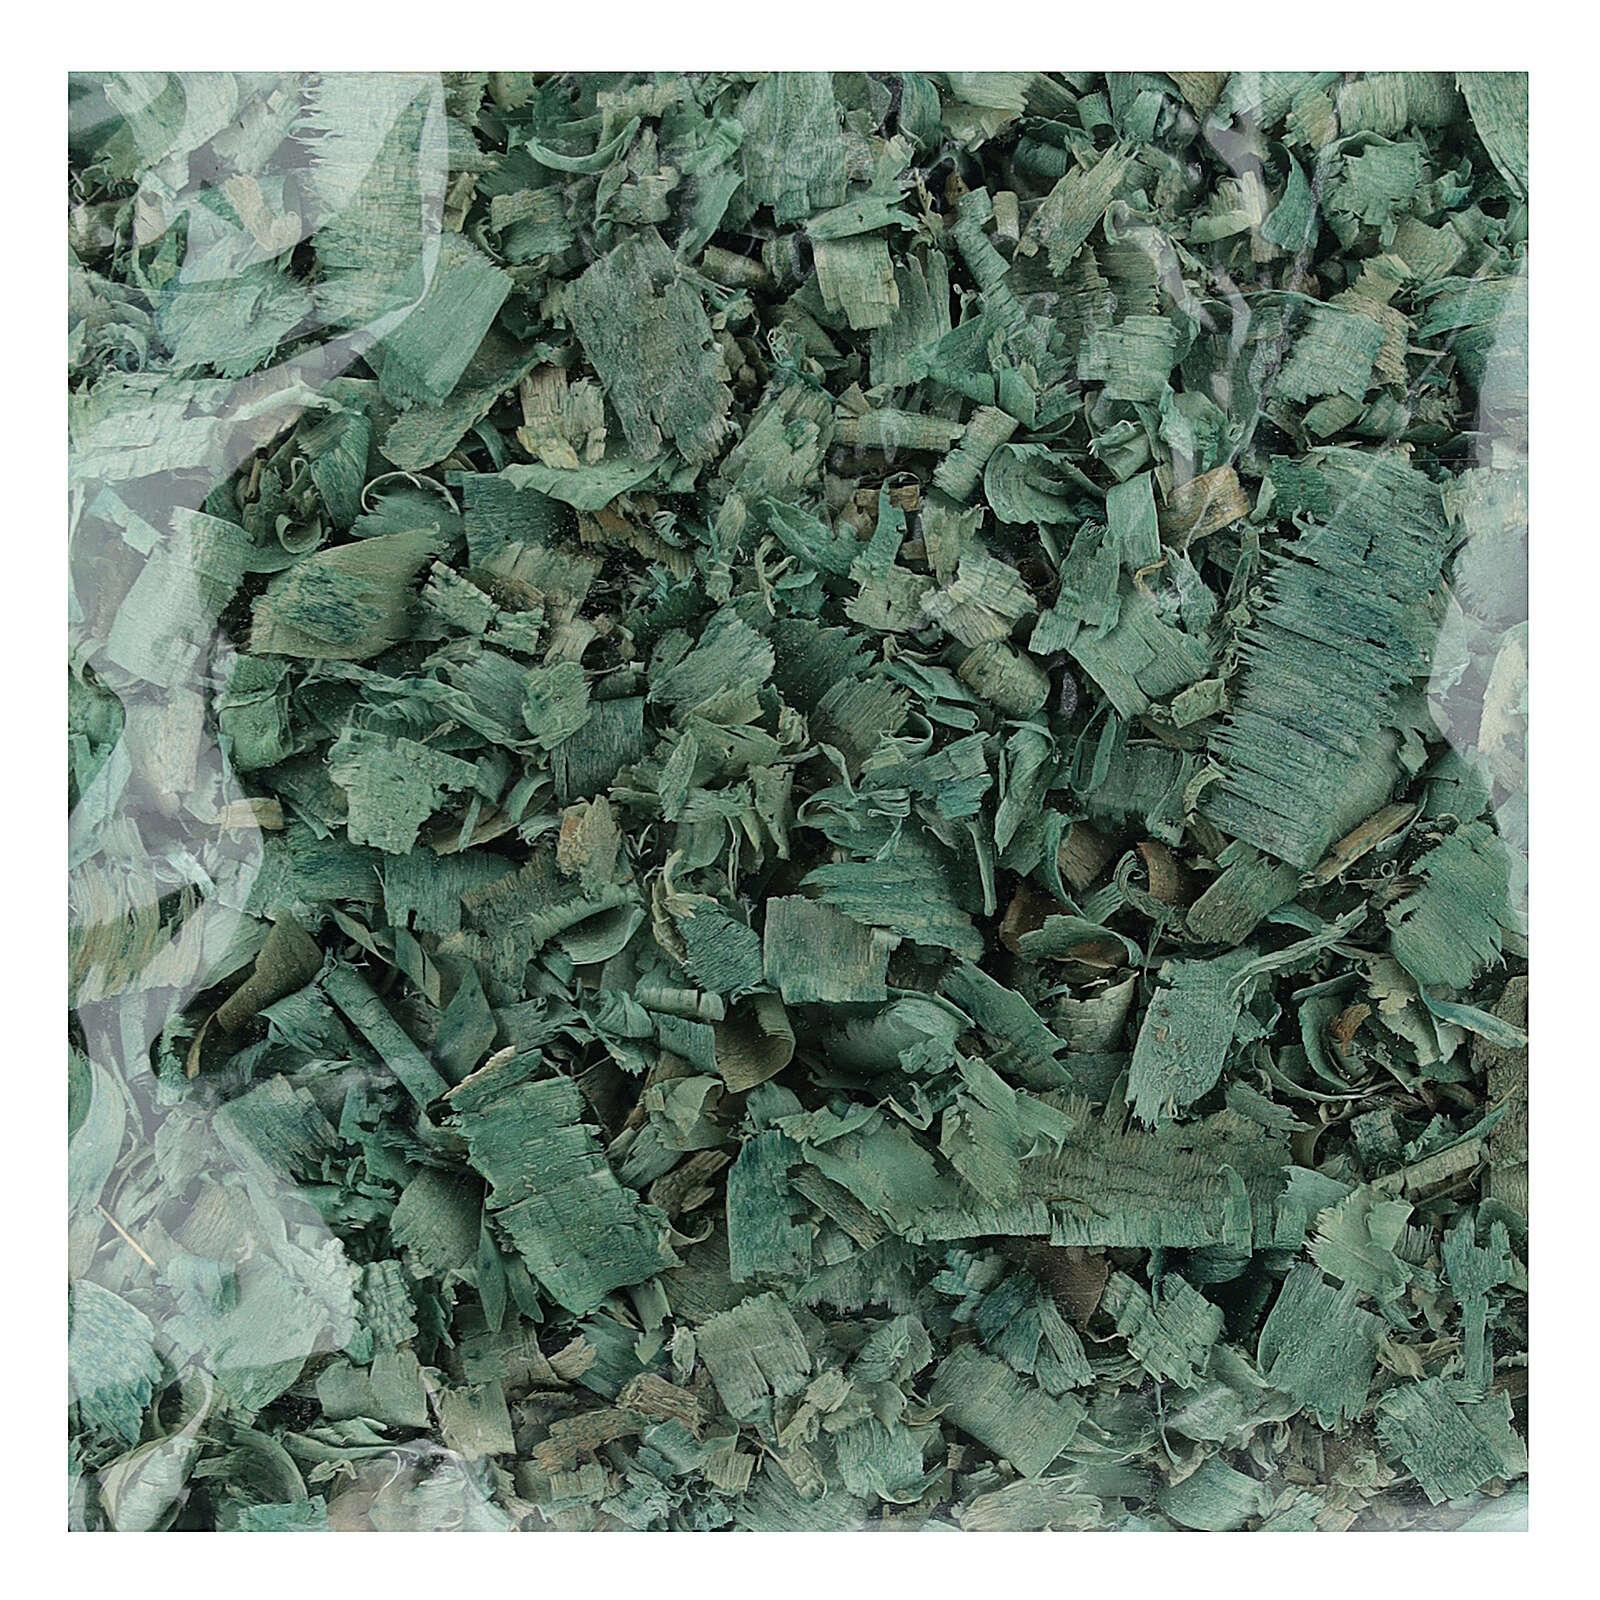 Wióry zielone 100 g do podłoża szopki 4